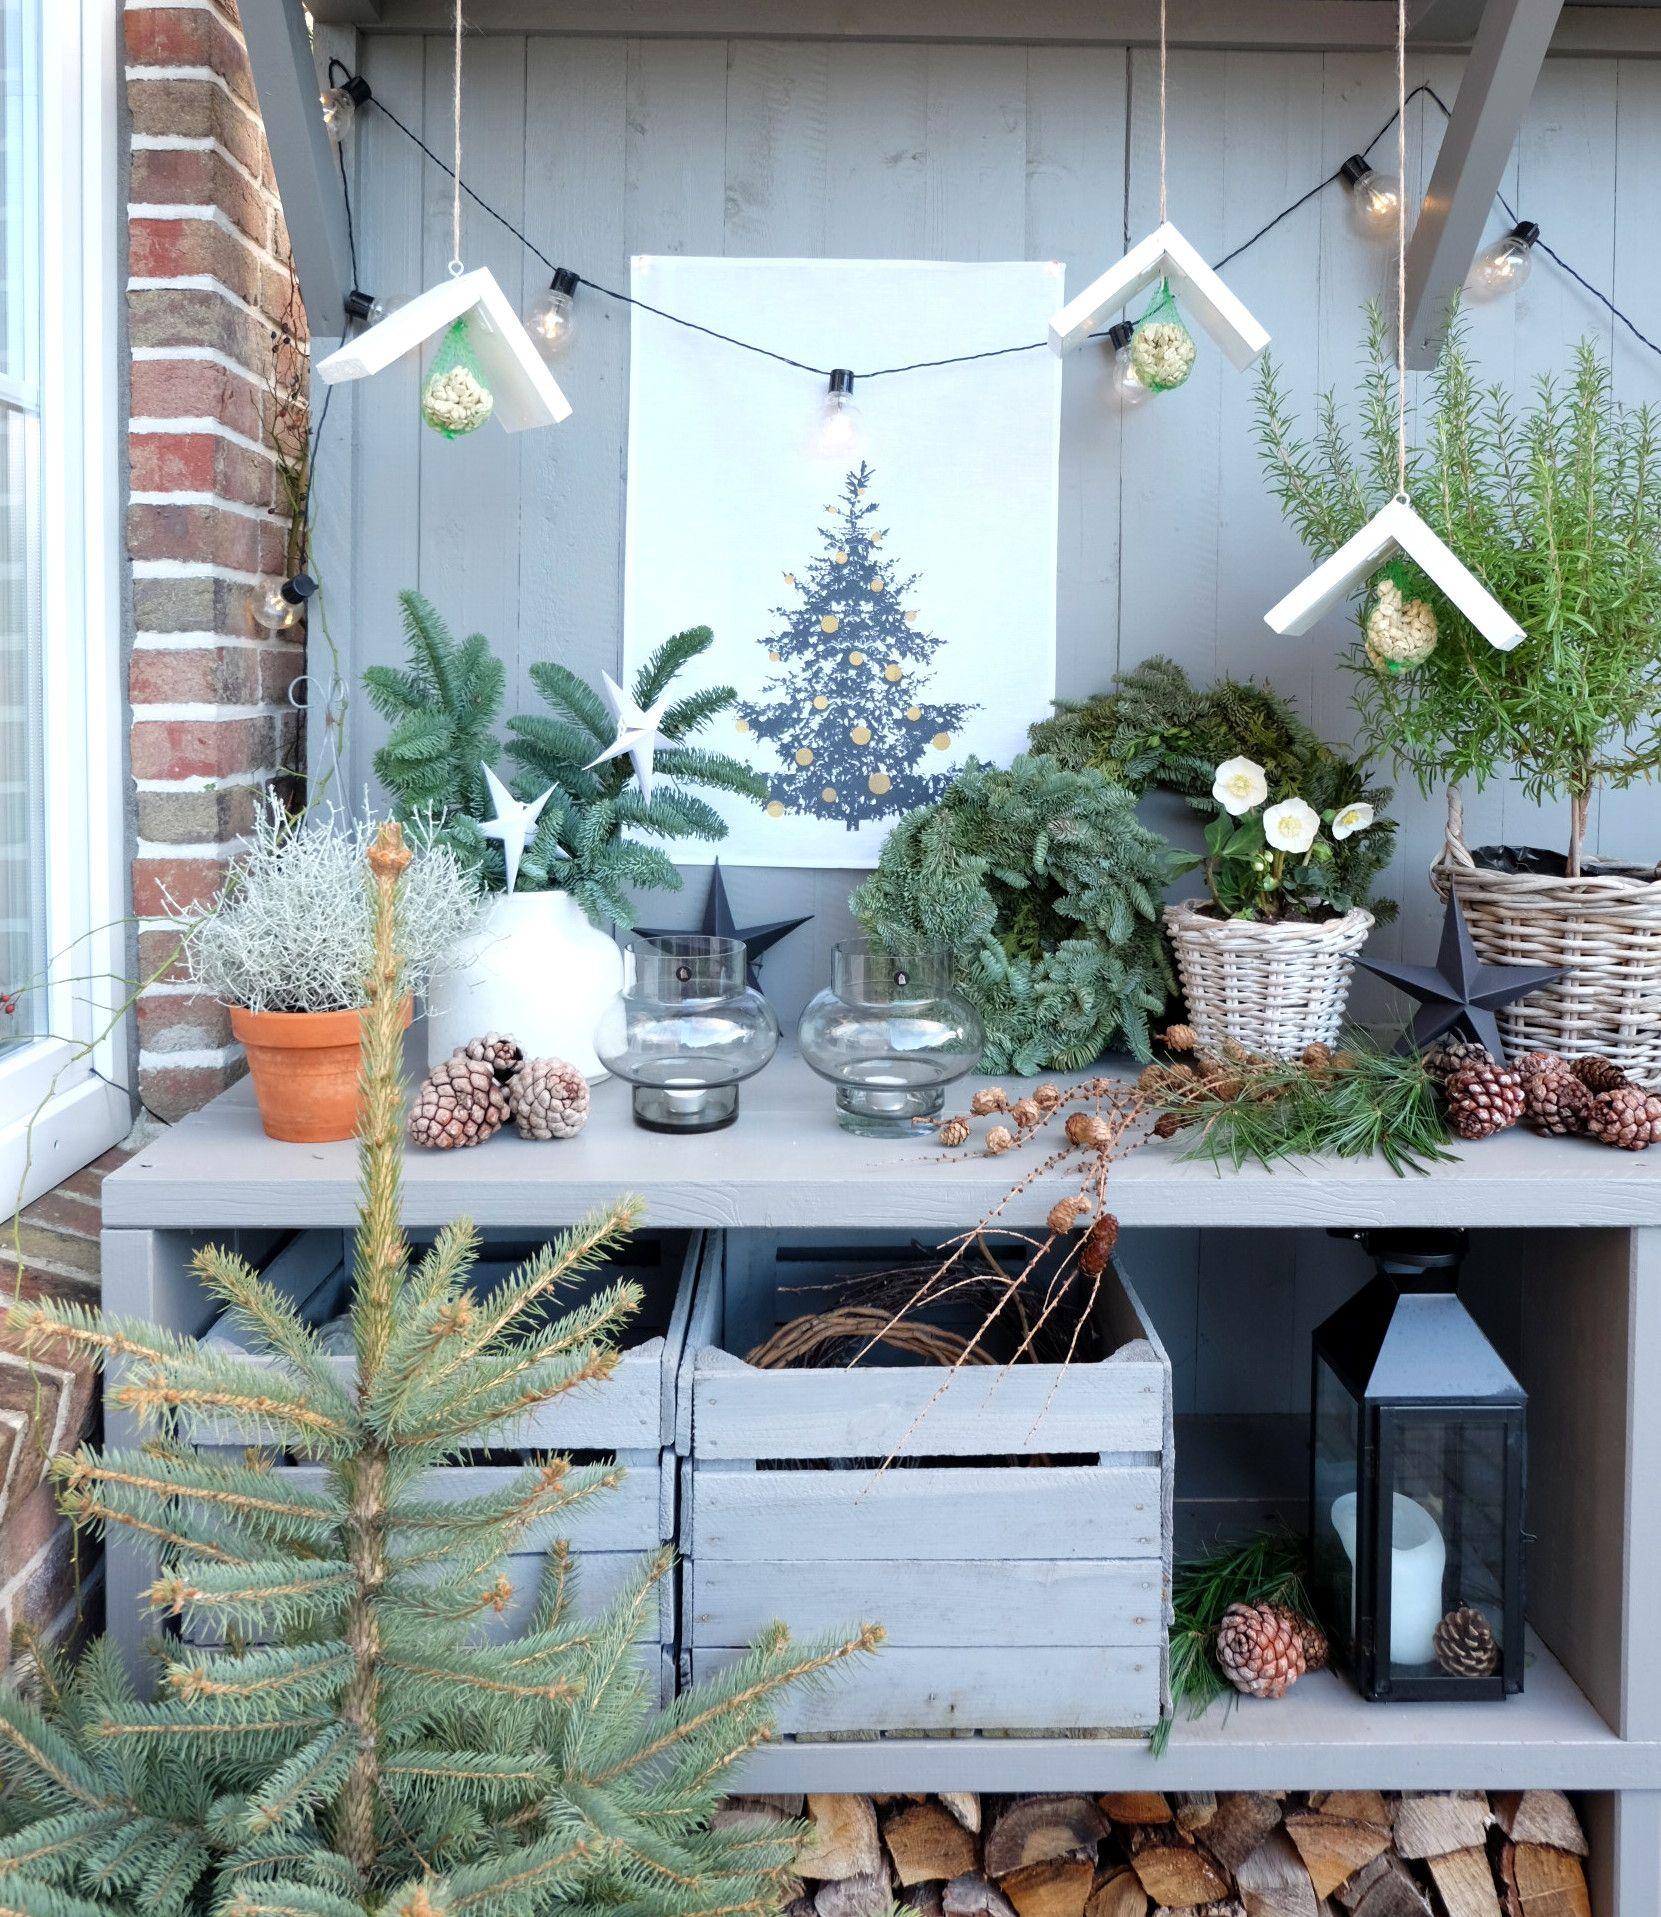 Vogelhaus Bauen Diy Weihnachten Garten Garden Basteln Mit Kindern Selbermachen Blog Weihnachtsgeschenk Ga Bauernhaus Weihnachten Dekor Vogelhaus Bauen